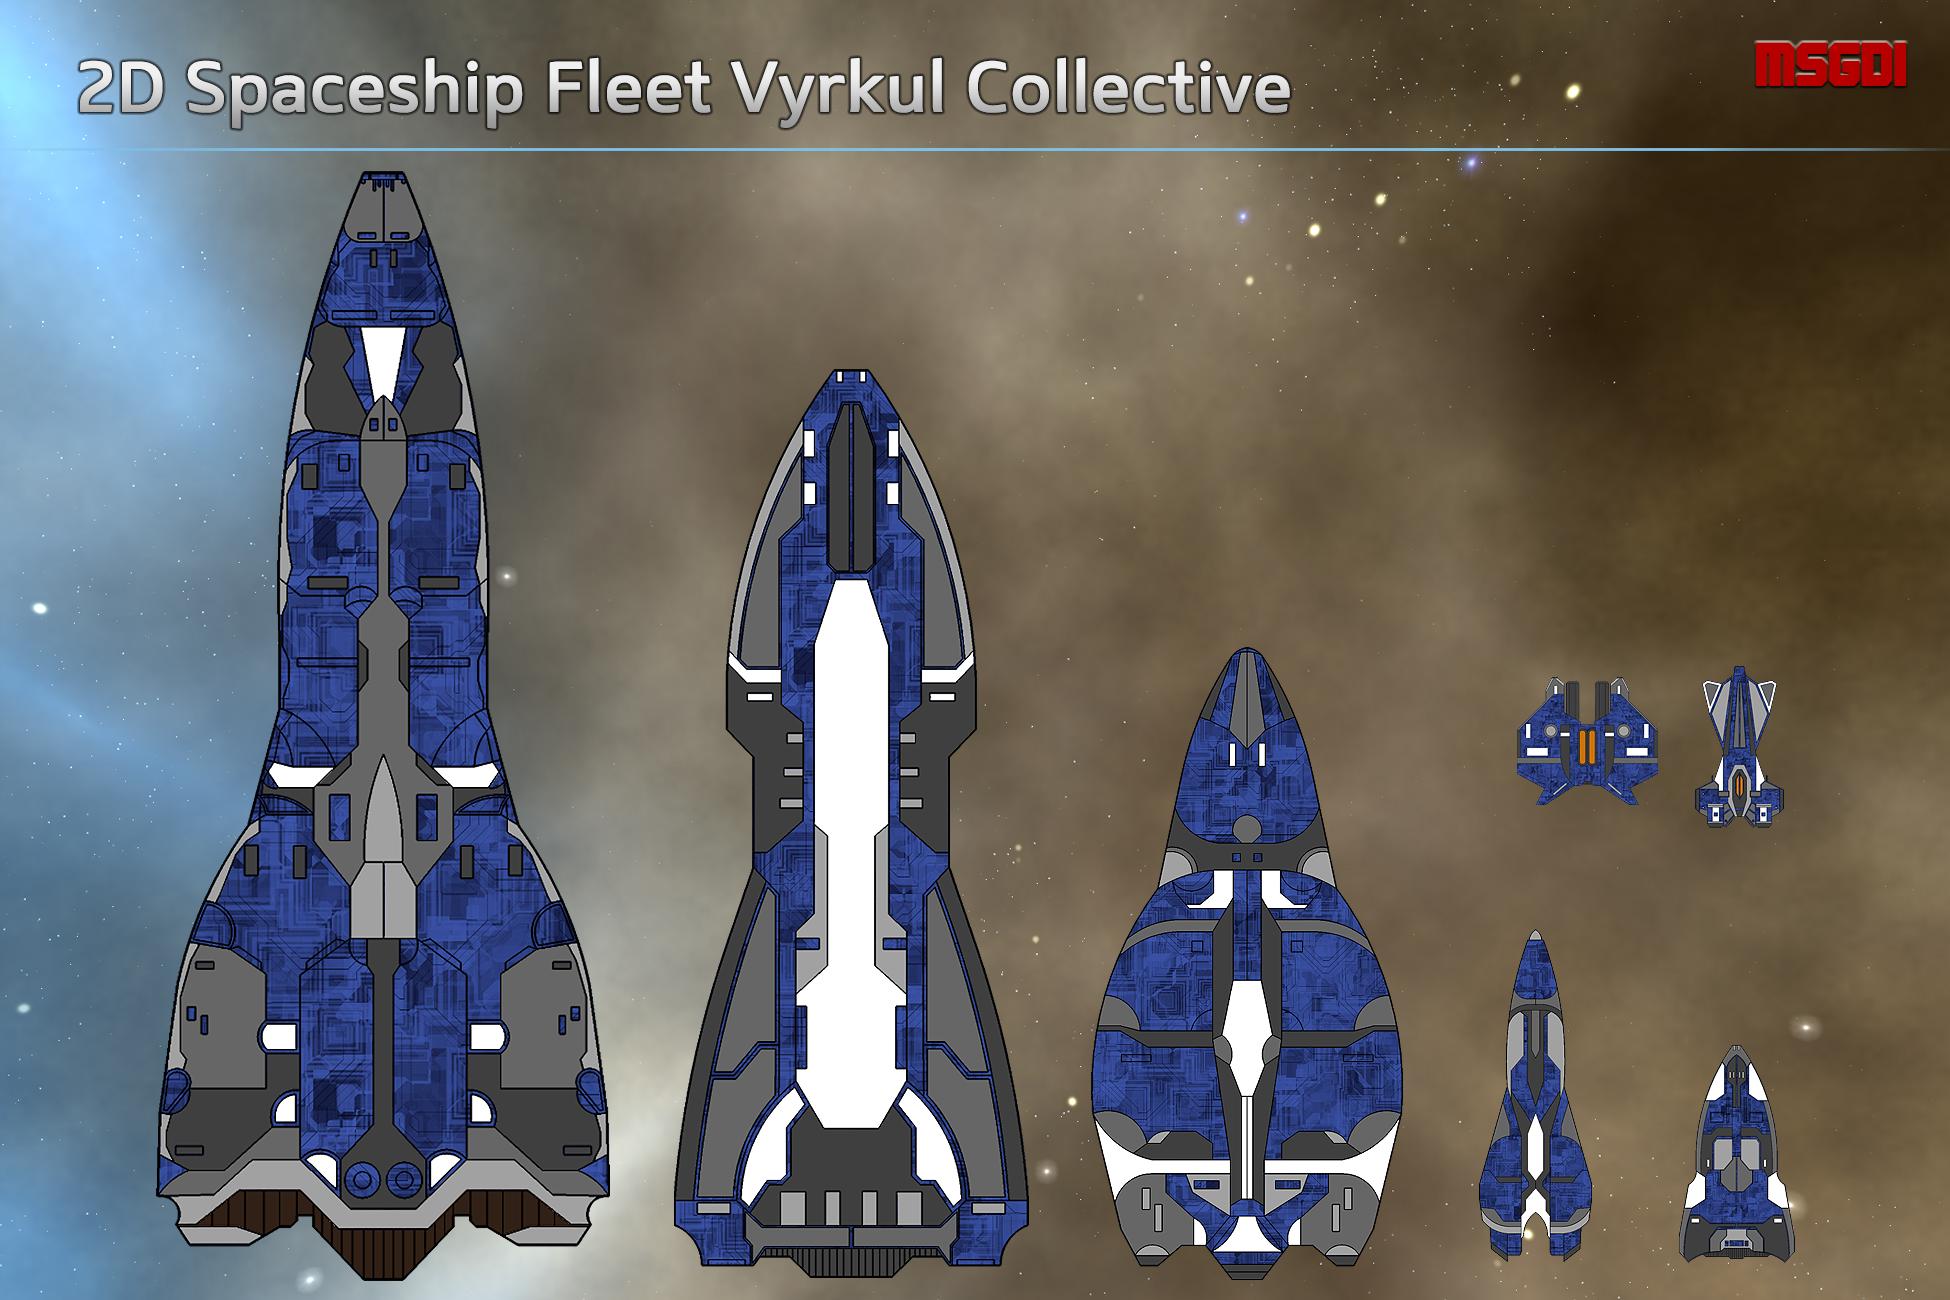 2d Spaceship